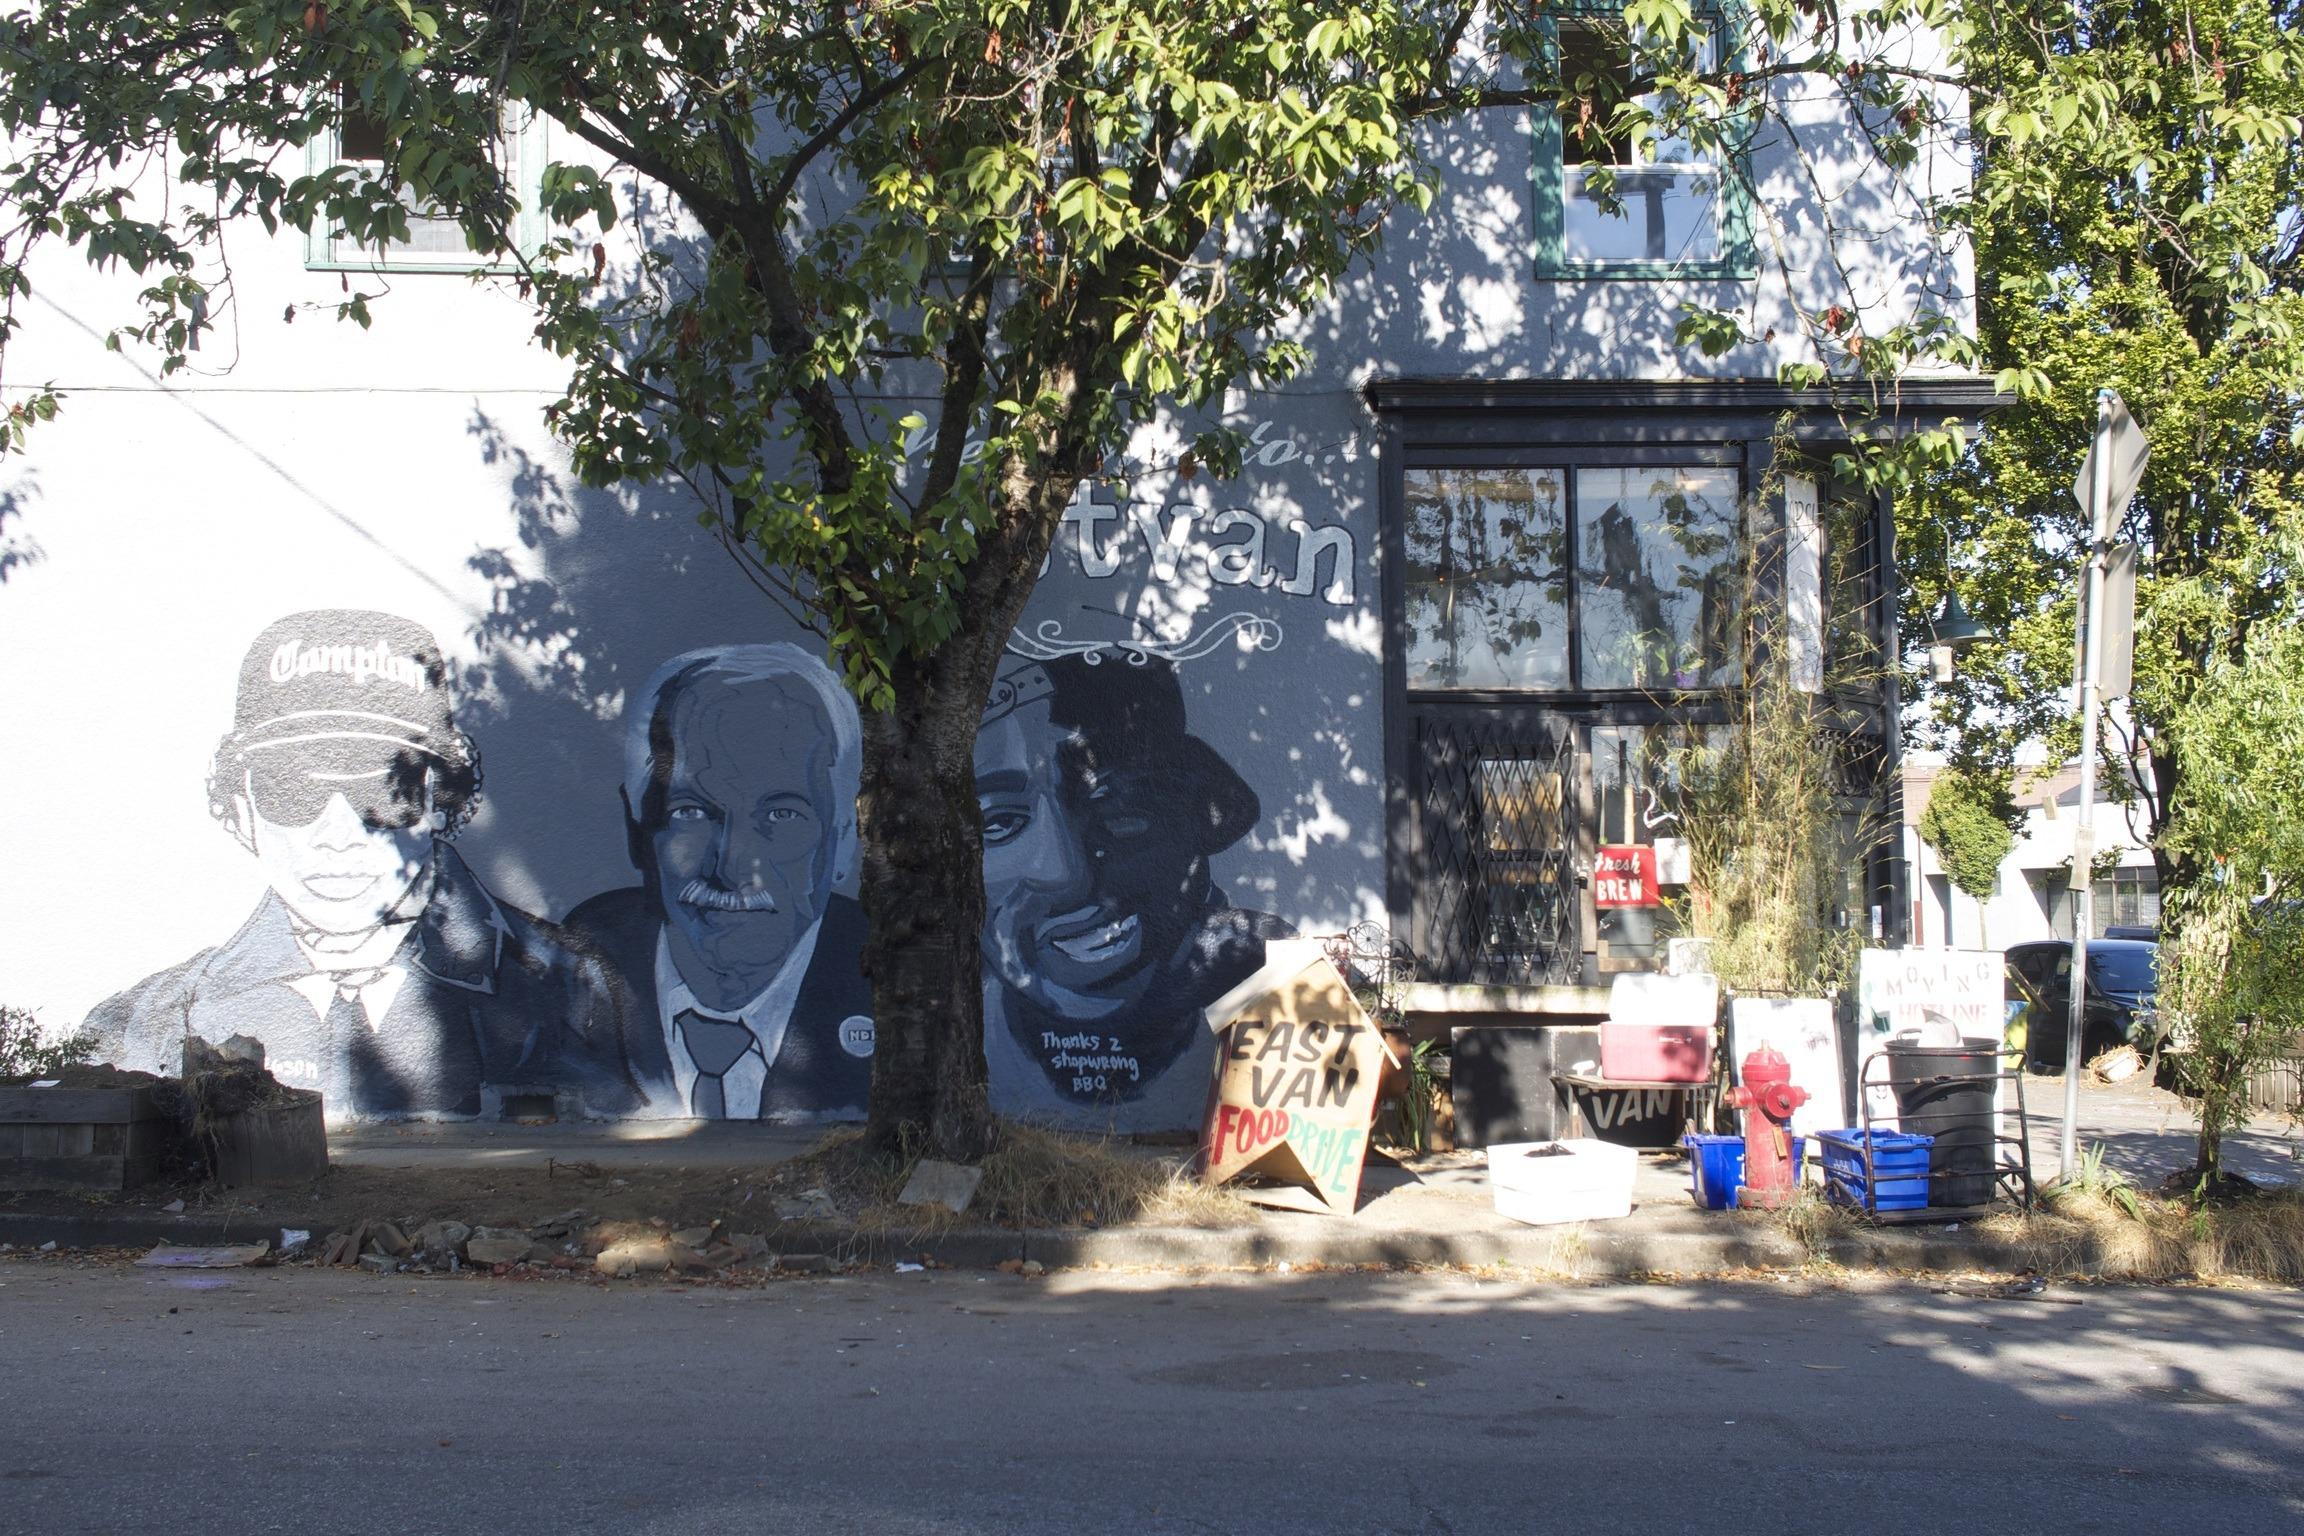 Eazy e vancouver graffiti copy